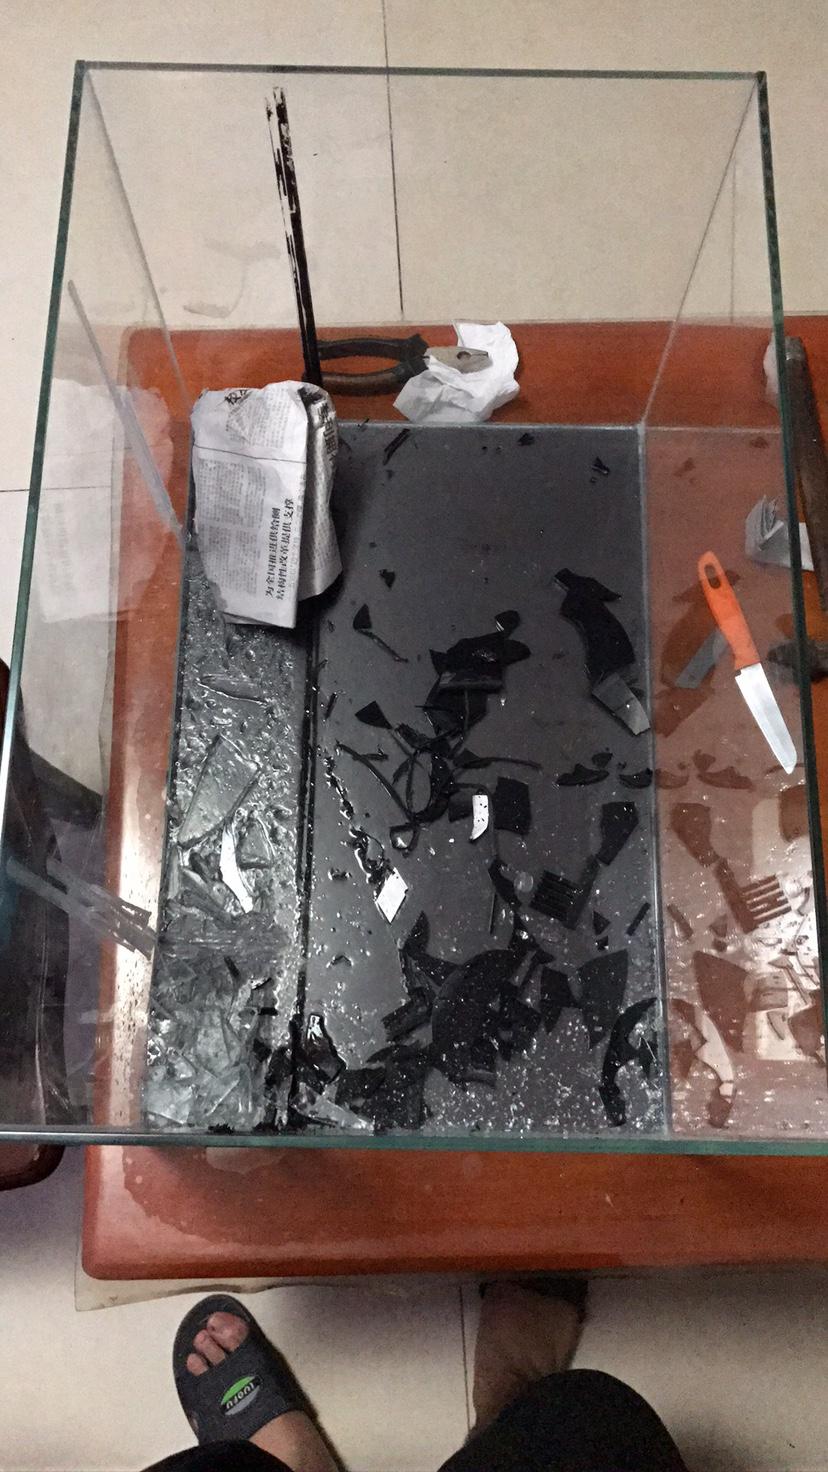 背滤缸改造绵阳水族批发市场 绵阳龙鱼论坛 绵阳水族批发市场第3张